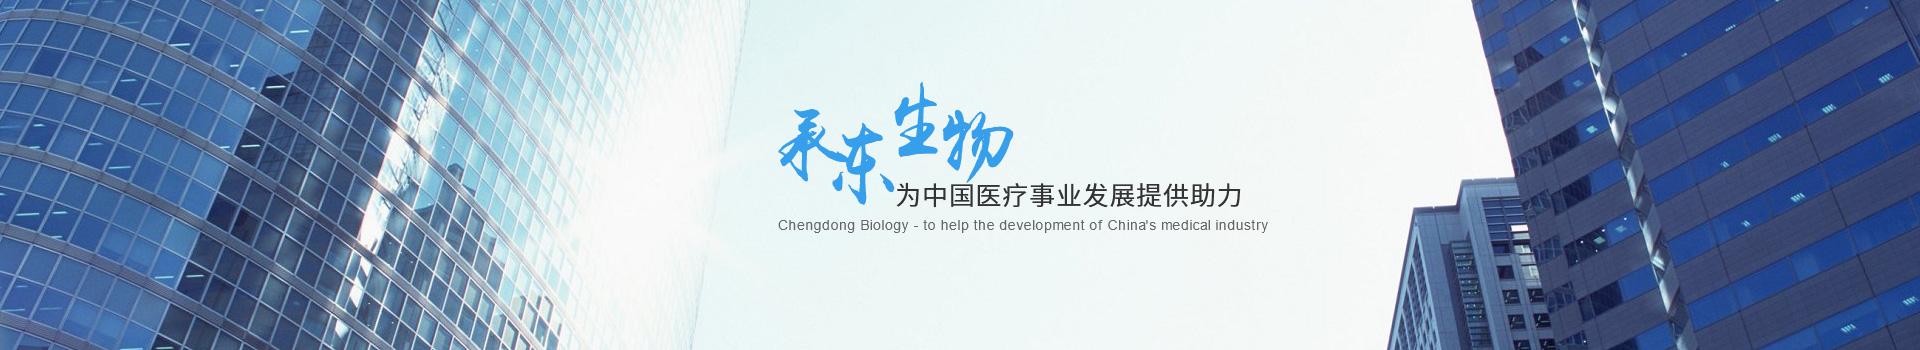 承东生物为中国医疗事业发展提供助力